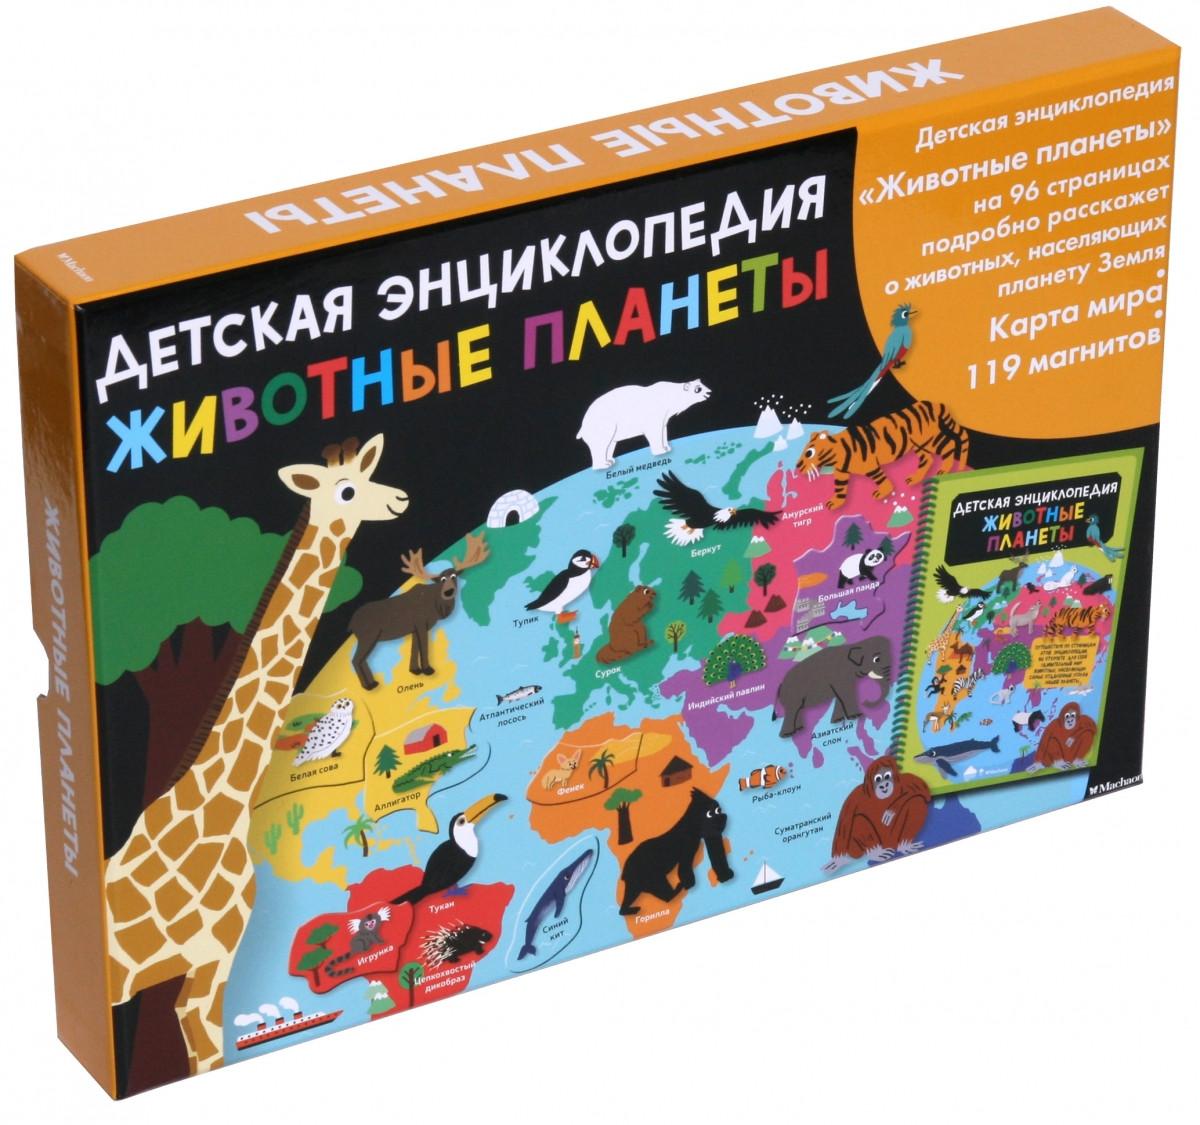 Животные планеты. Интерактивная детская энциклопедия с магнитами (в коробке)